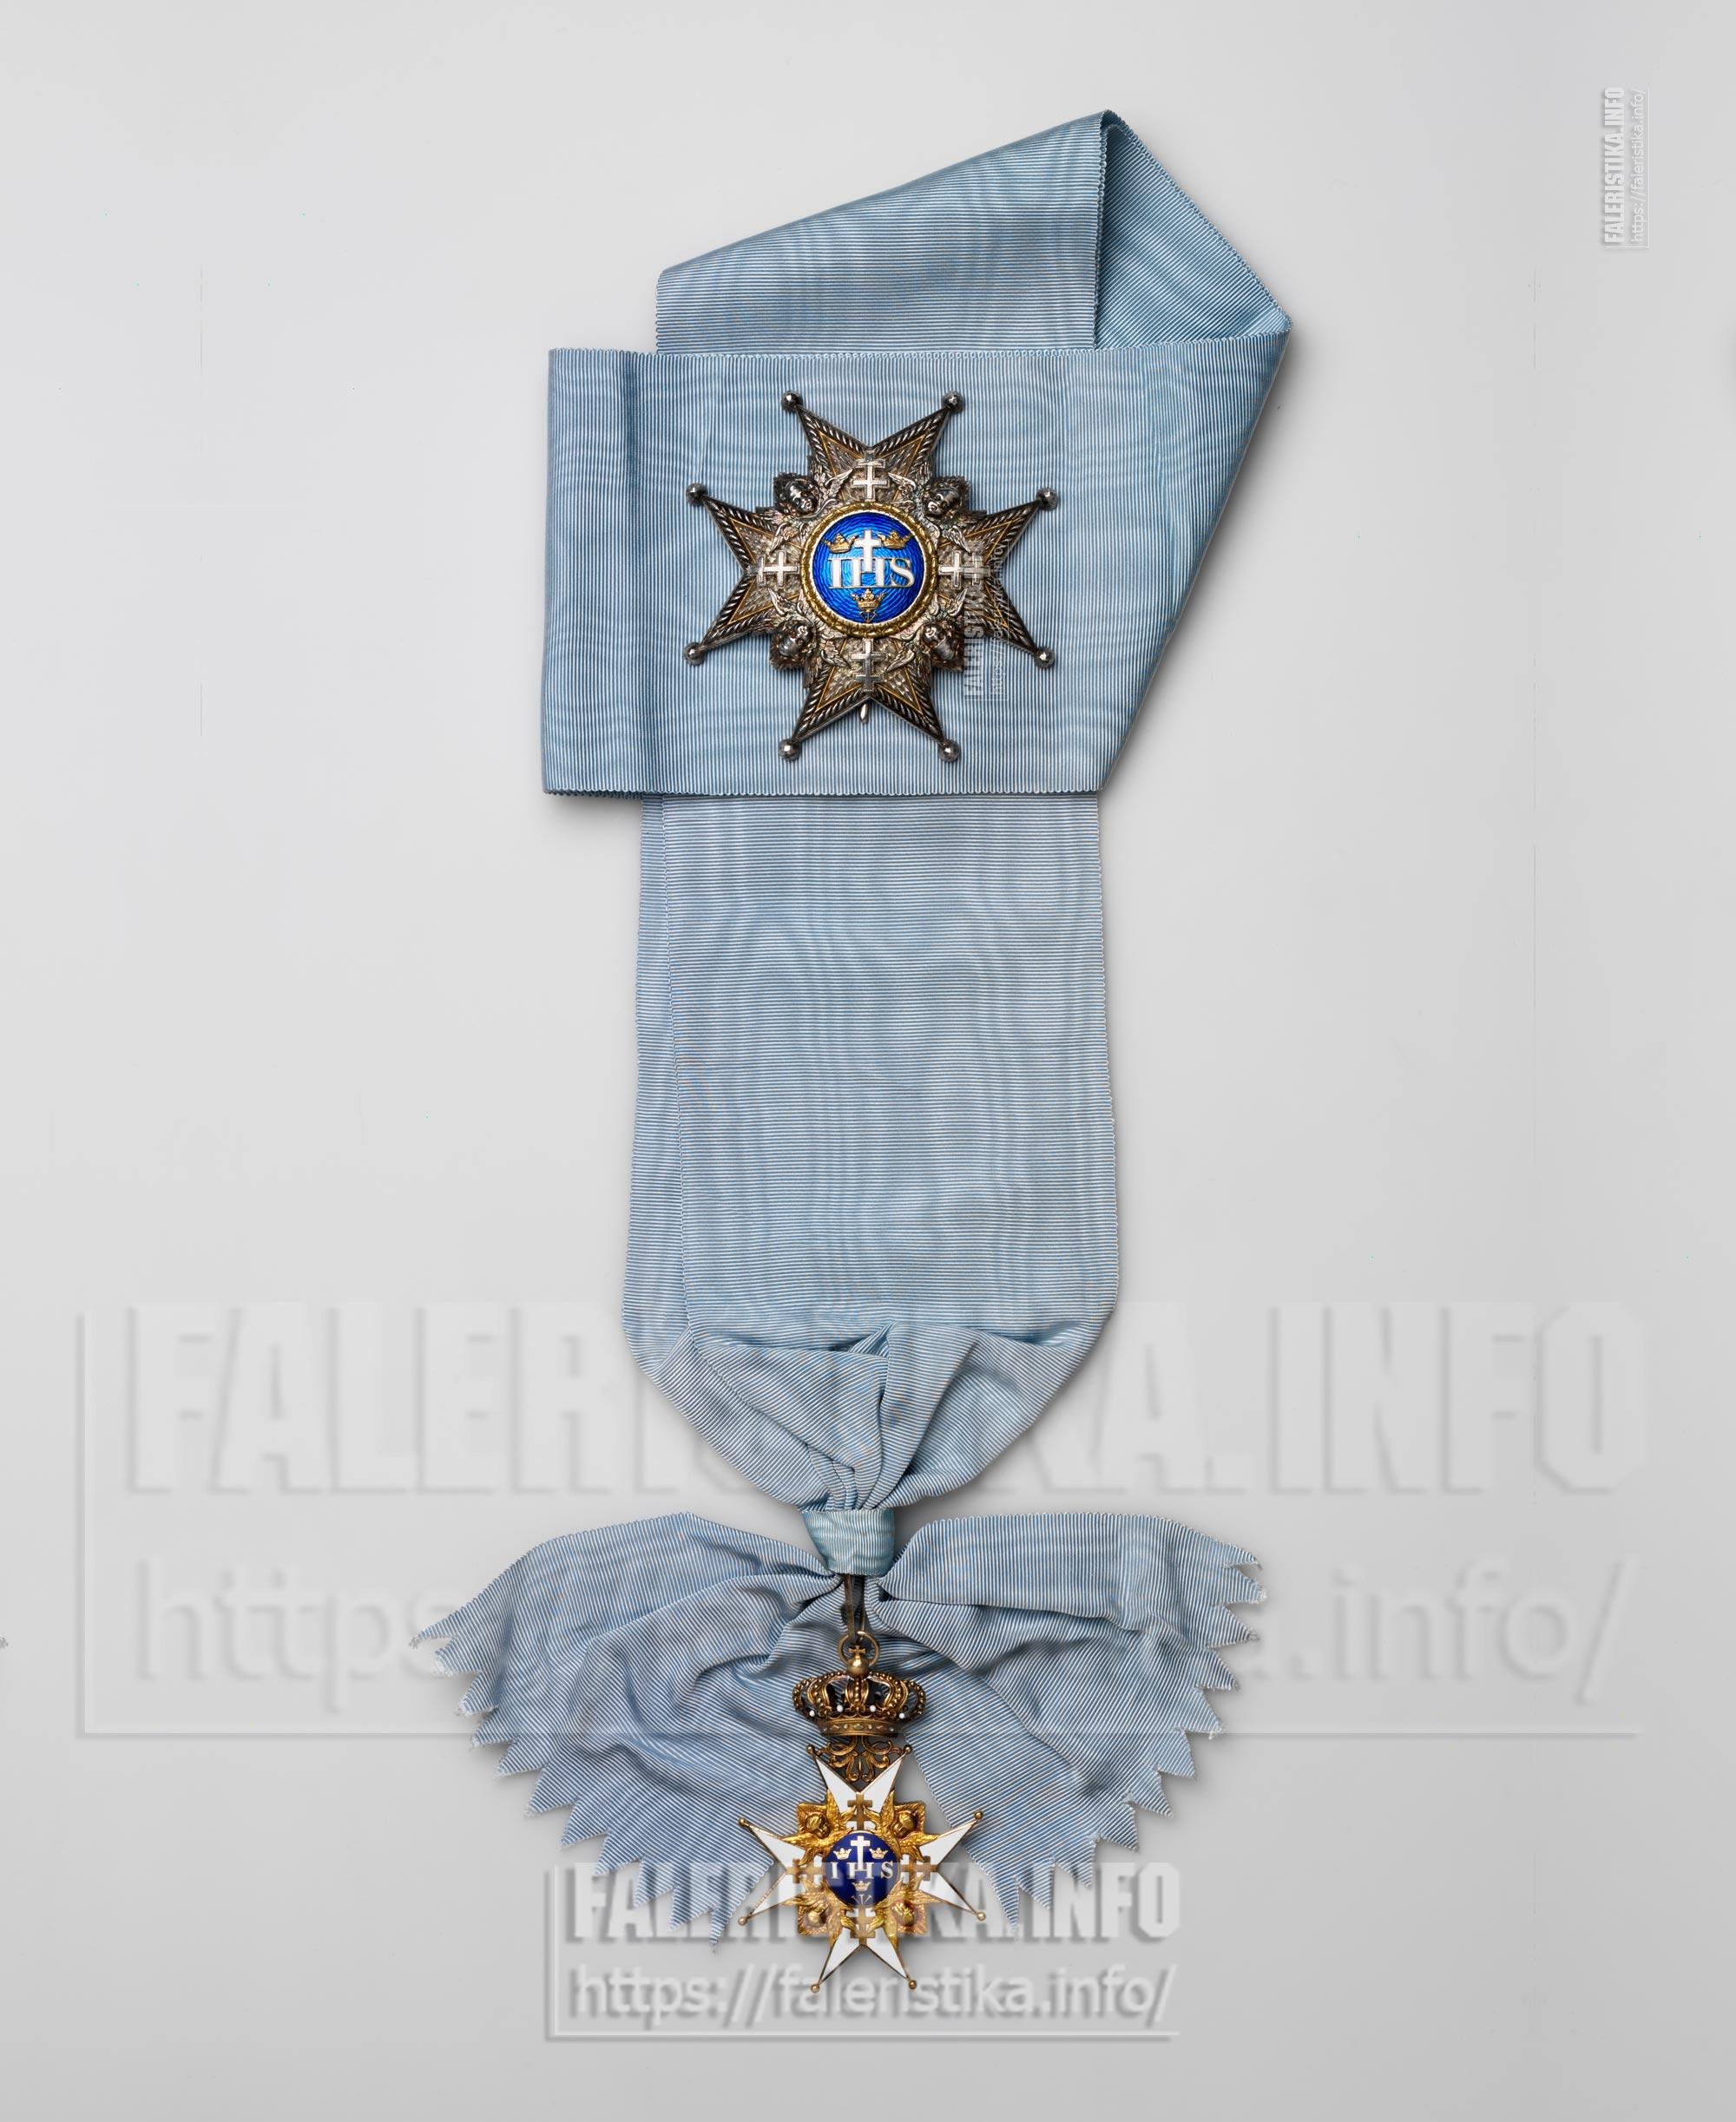 Орден Серафимов. Учрежден в 1748 г. Знак, звезда, лента. Комплект принадлежал императору  (негусу) Эфиопии (Абиссинии) Хайле Силассие